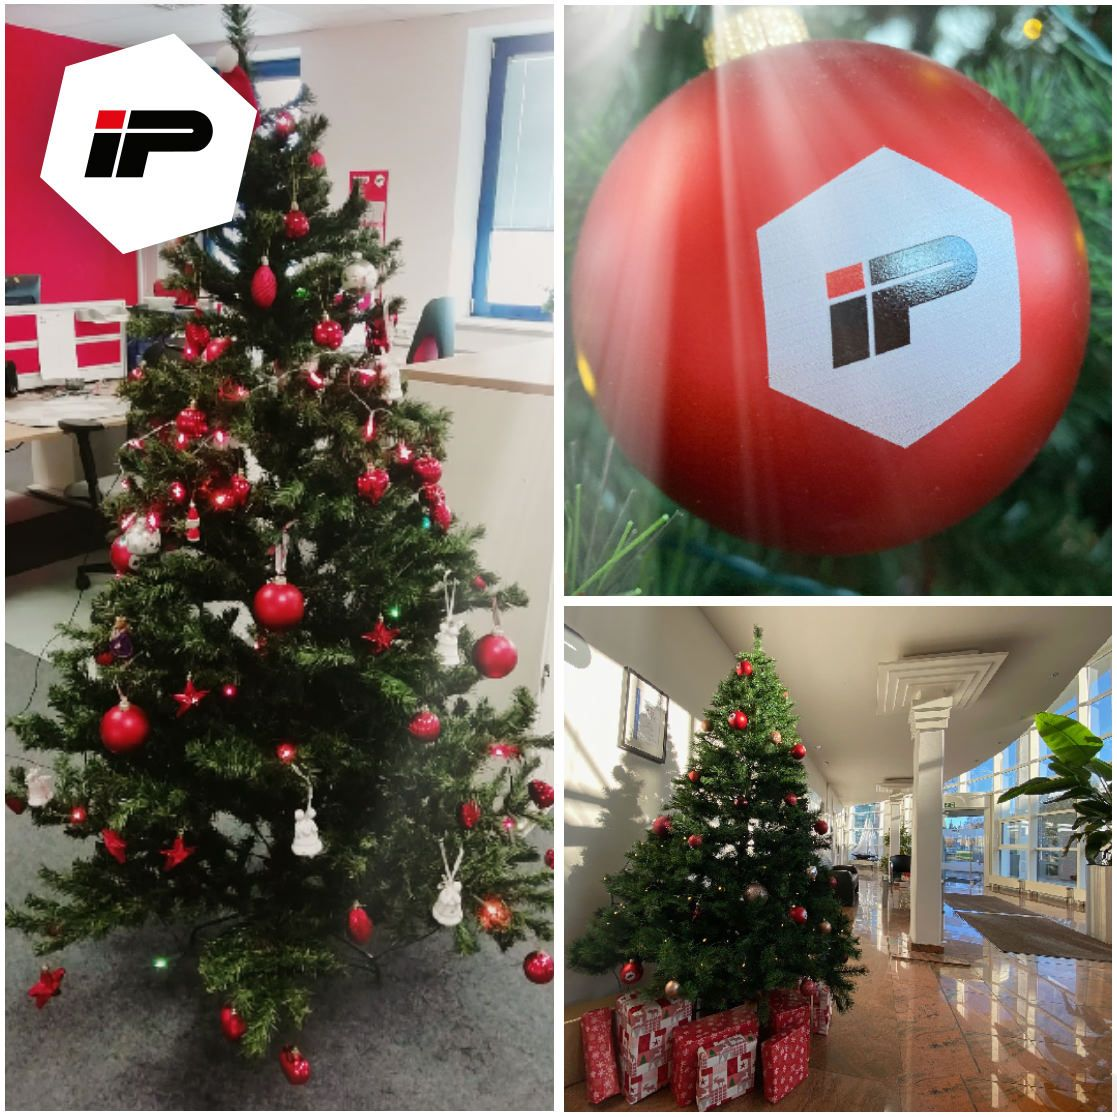 IP wünscht eine erholsame Weihna...